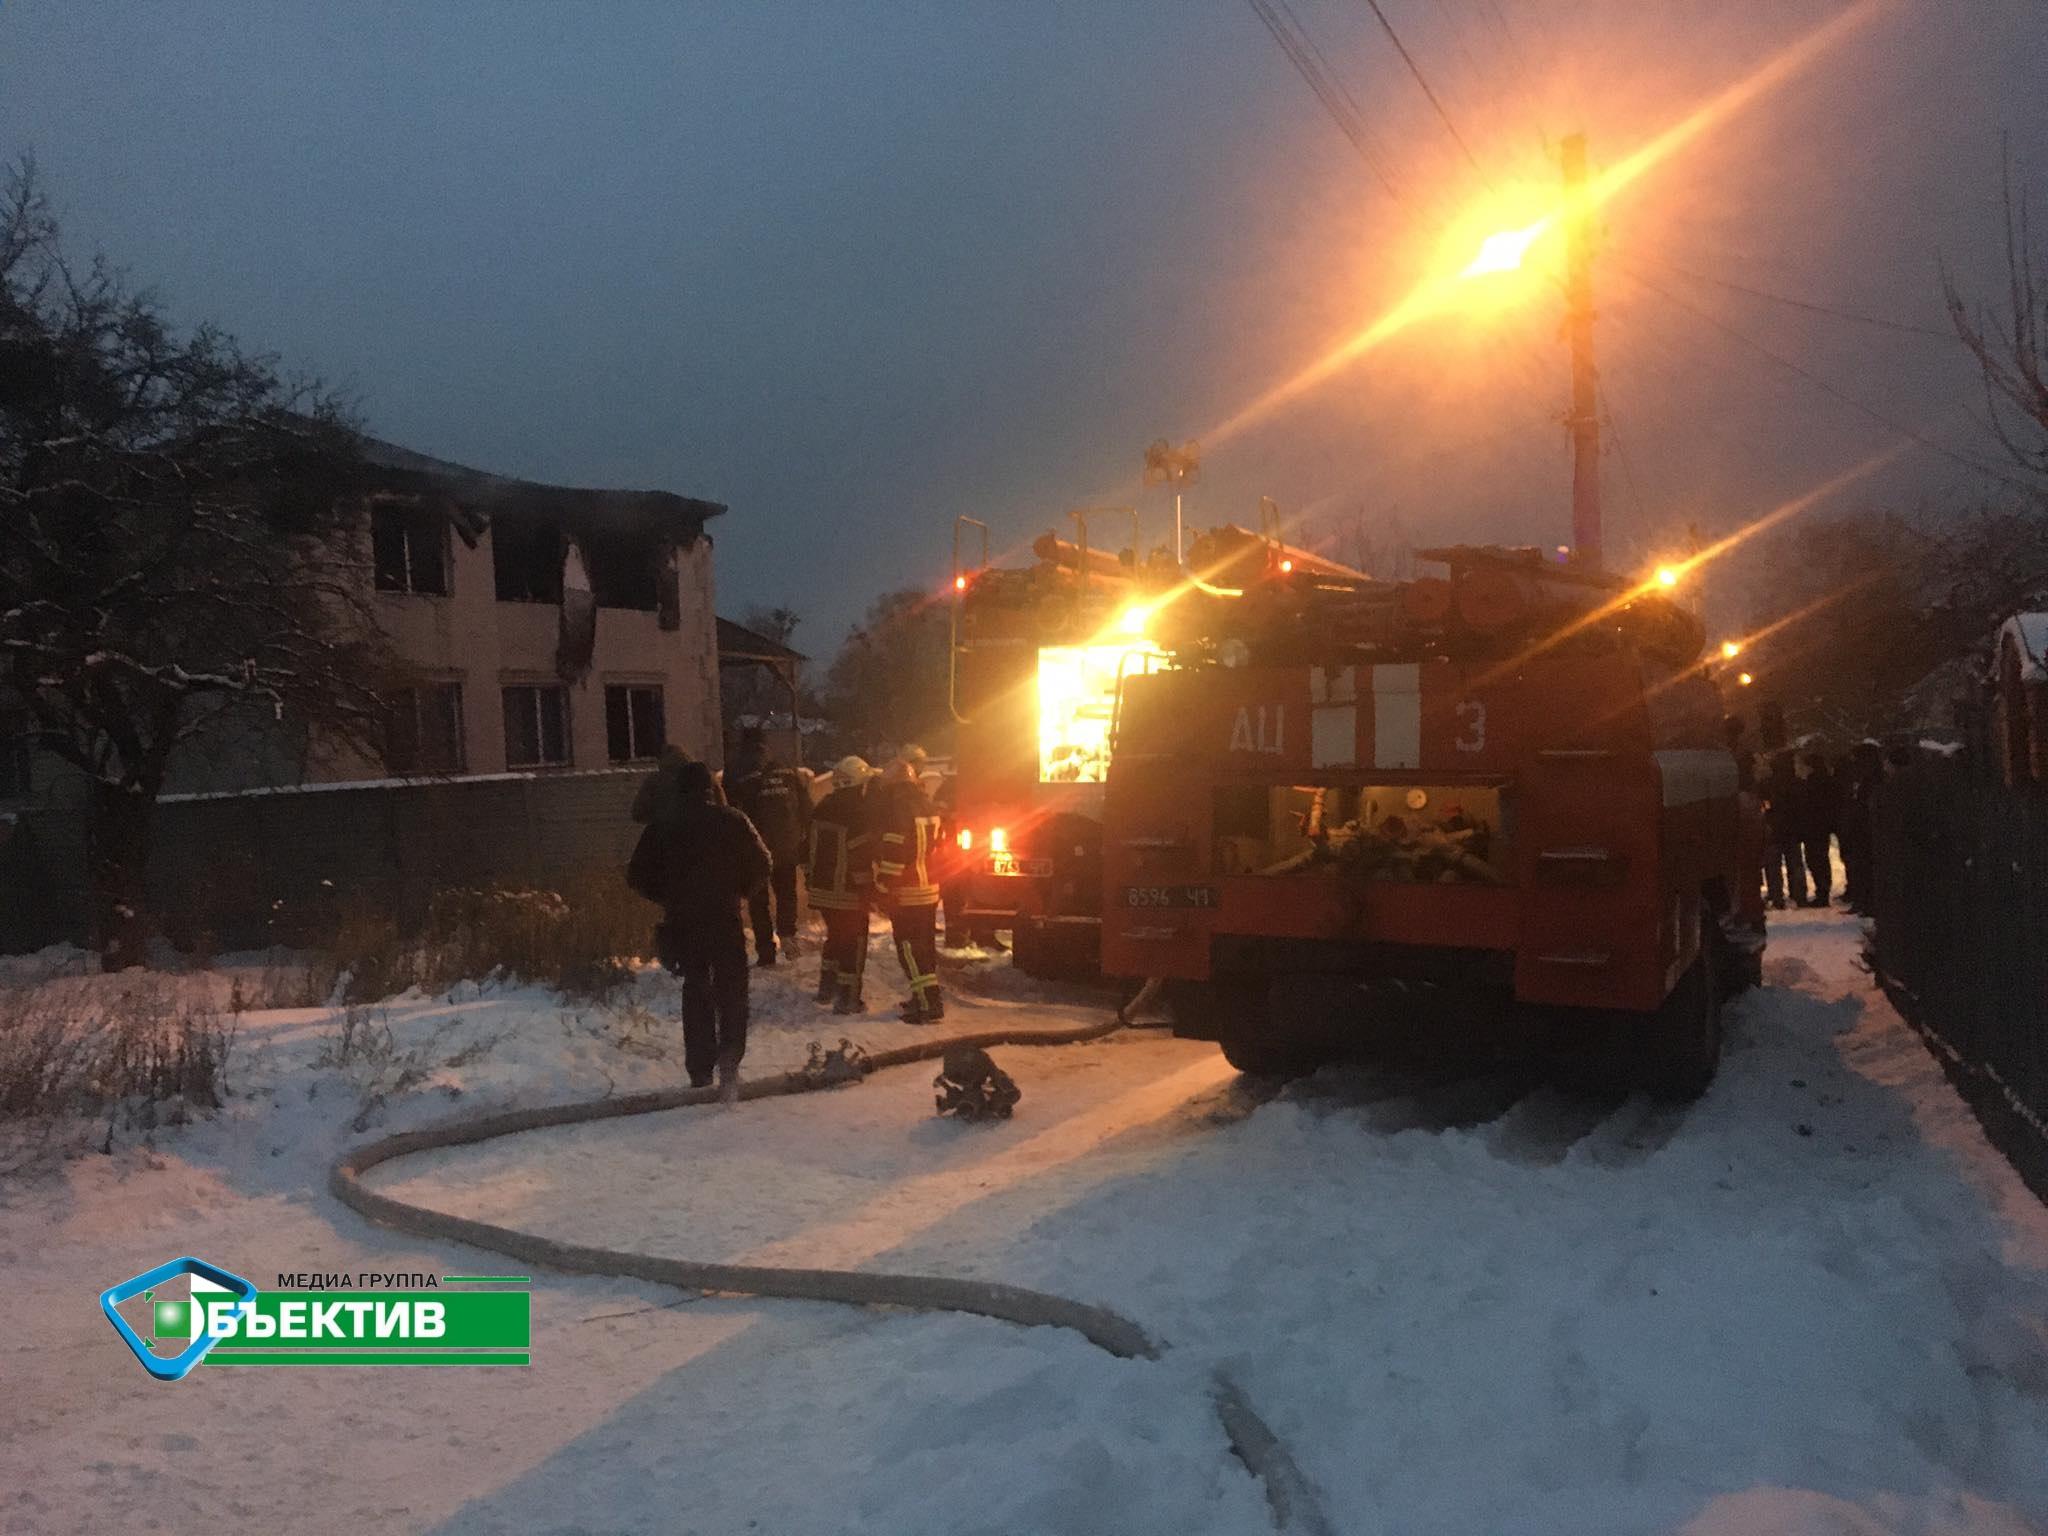 Прокуратура передала в суд дело о пожаре в доме престарелых в Харькове